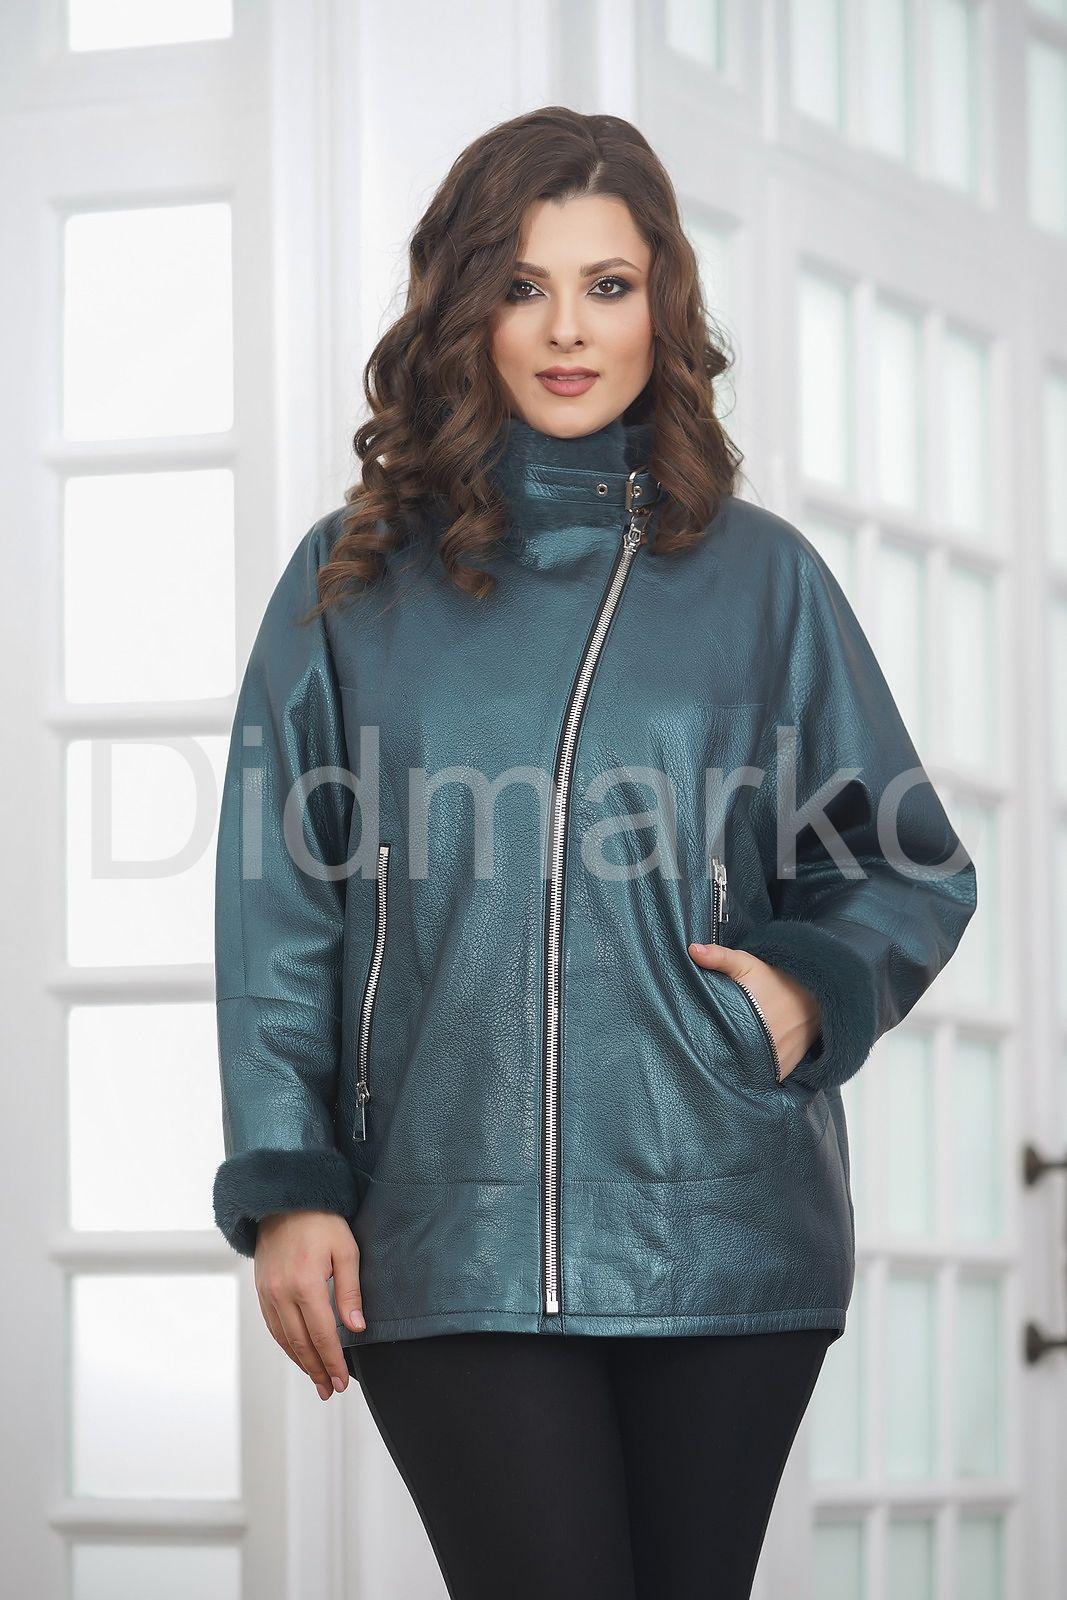 d4f5f008b0a Женская кожаная куртка с мехом купить по цене 33500.00